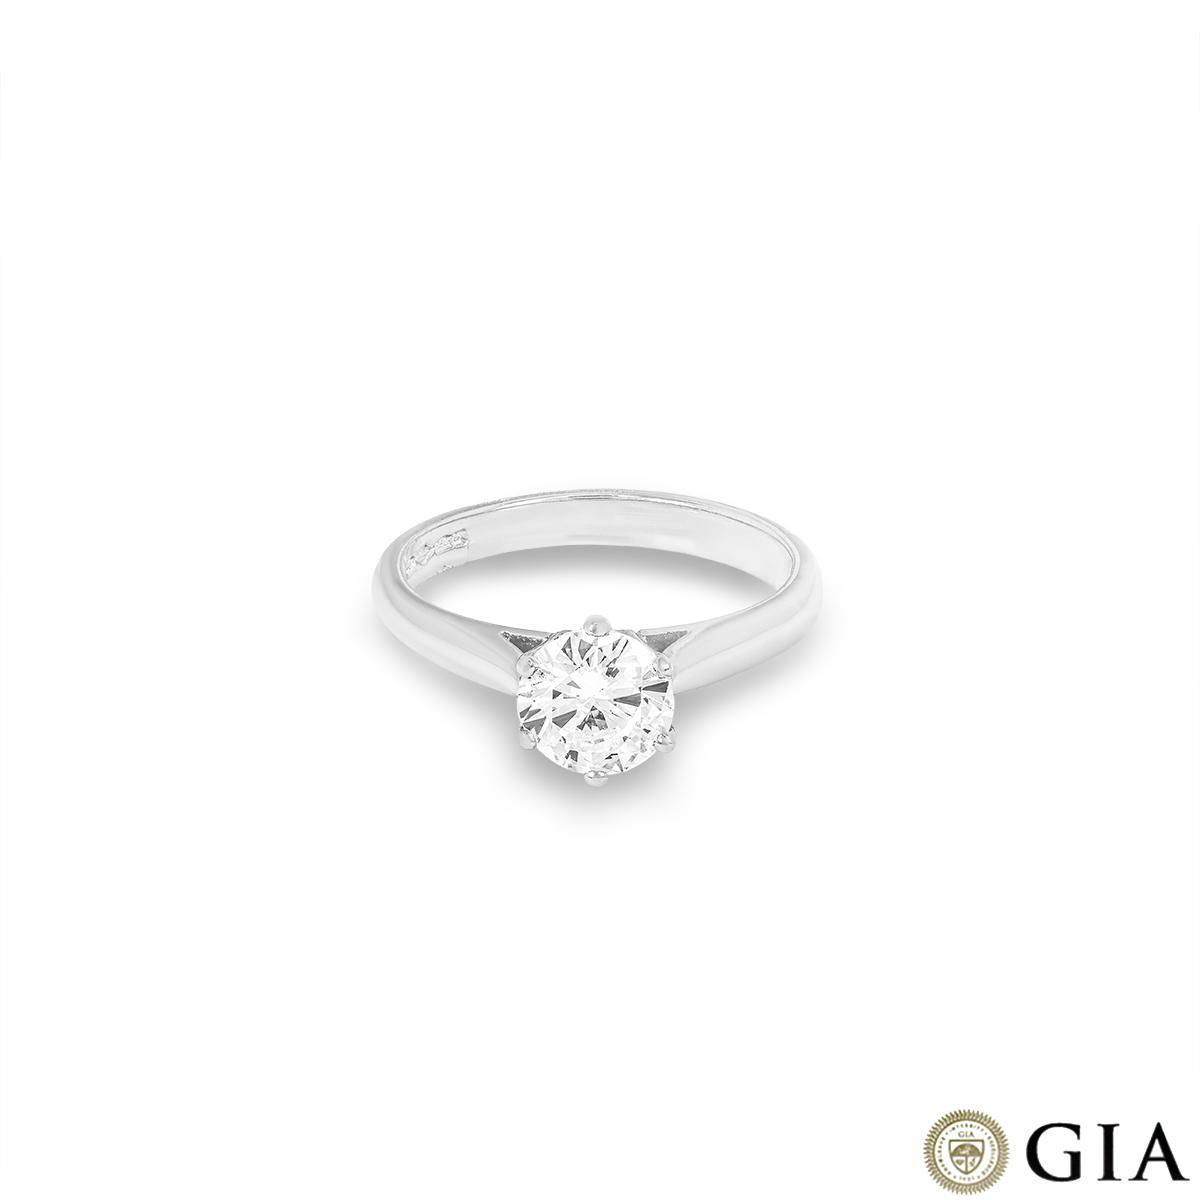 Round Brilliant Cut Diamond Ring in Platinum 1.00ct D/IF